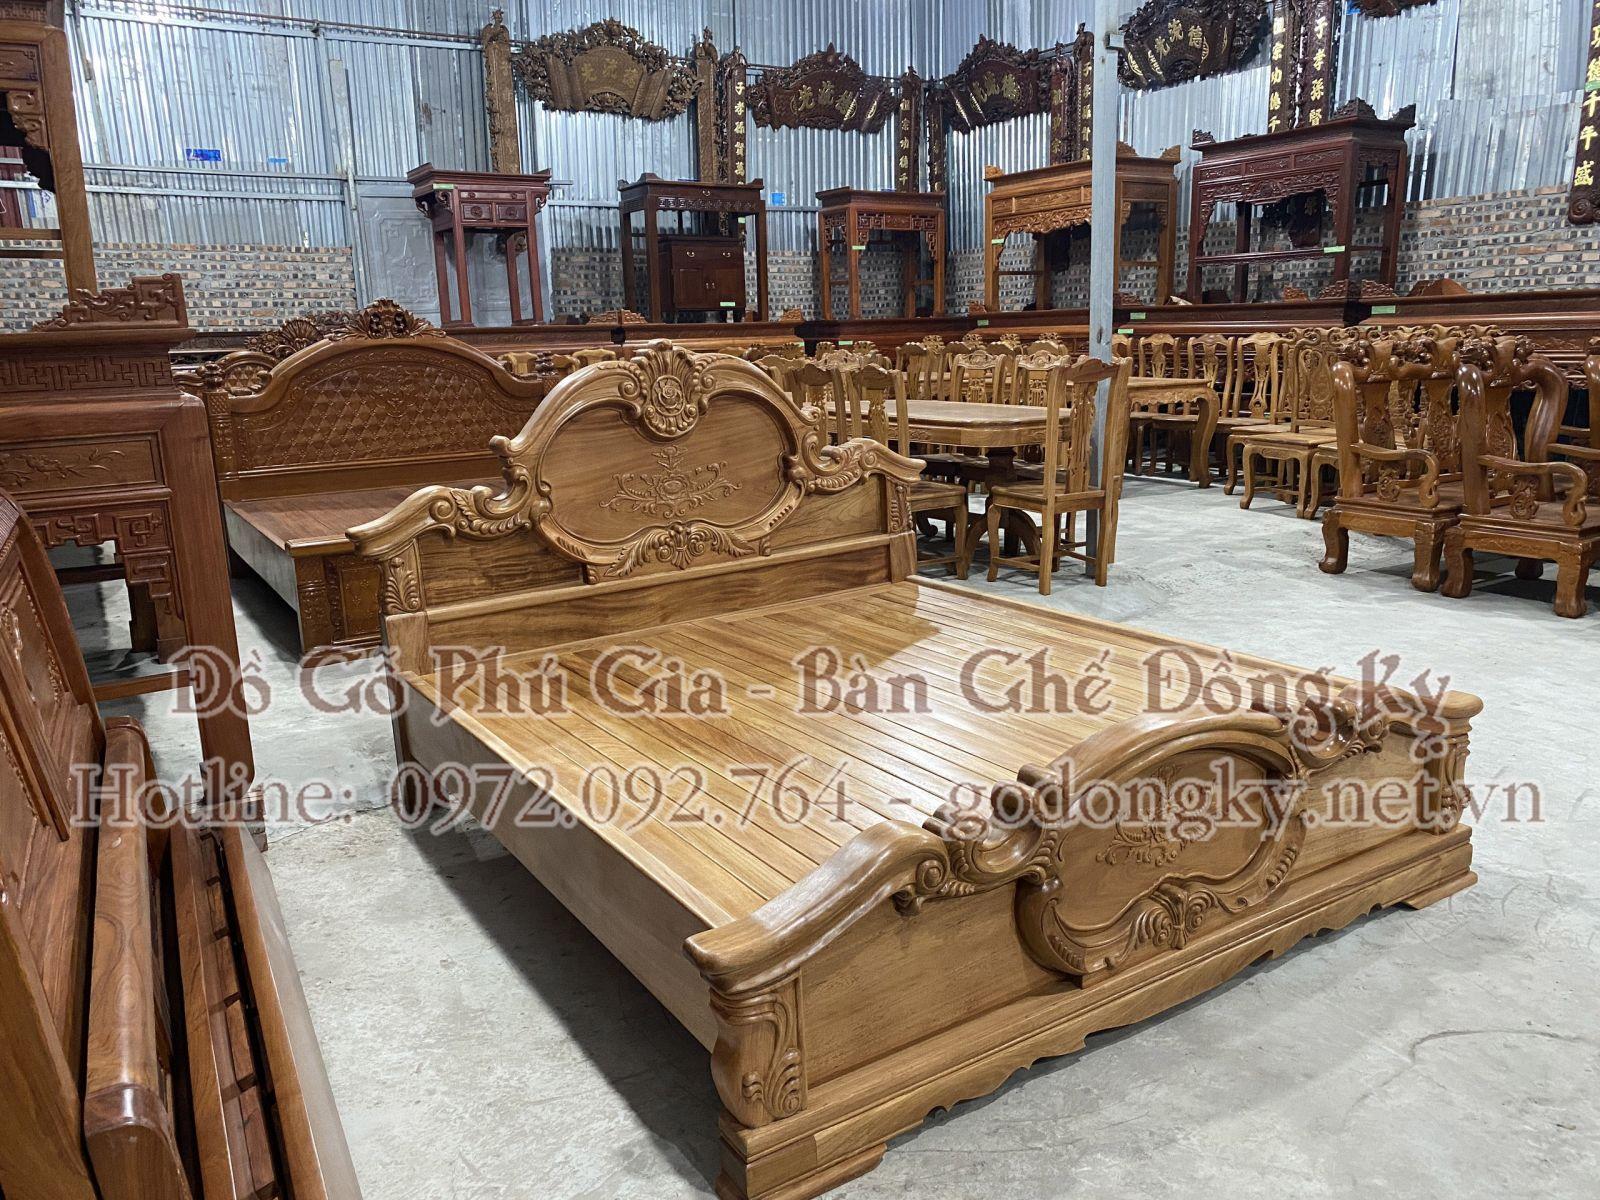 giường ngủ đồ gỗ đồng kỵ 18